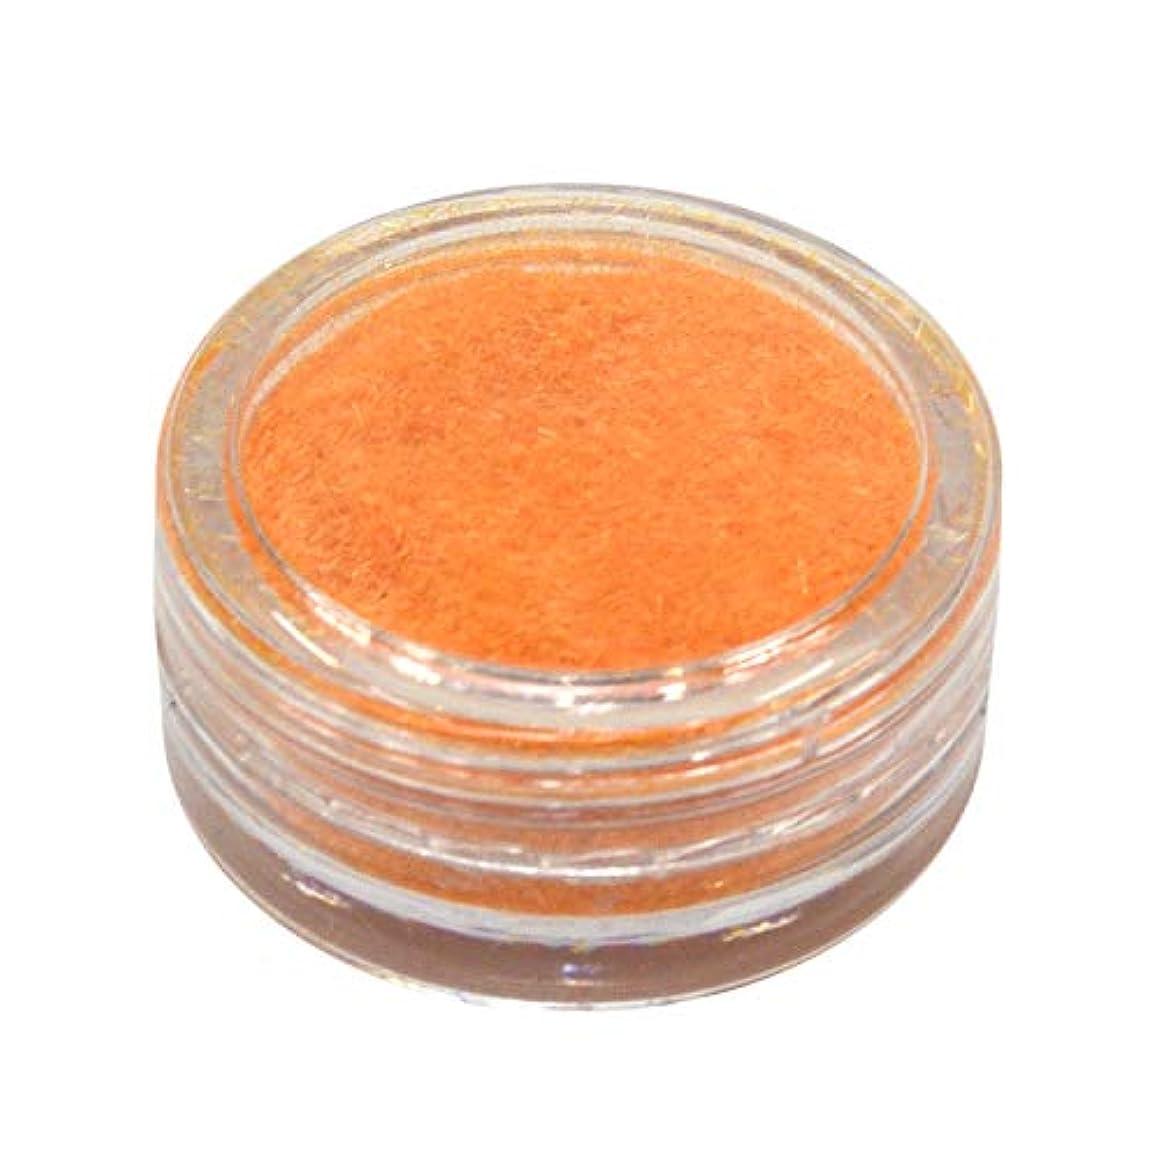 メルボルン干ばつ二層ネルパラ ベルベットパウダー #30 オレンジ